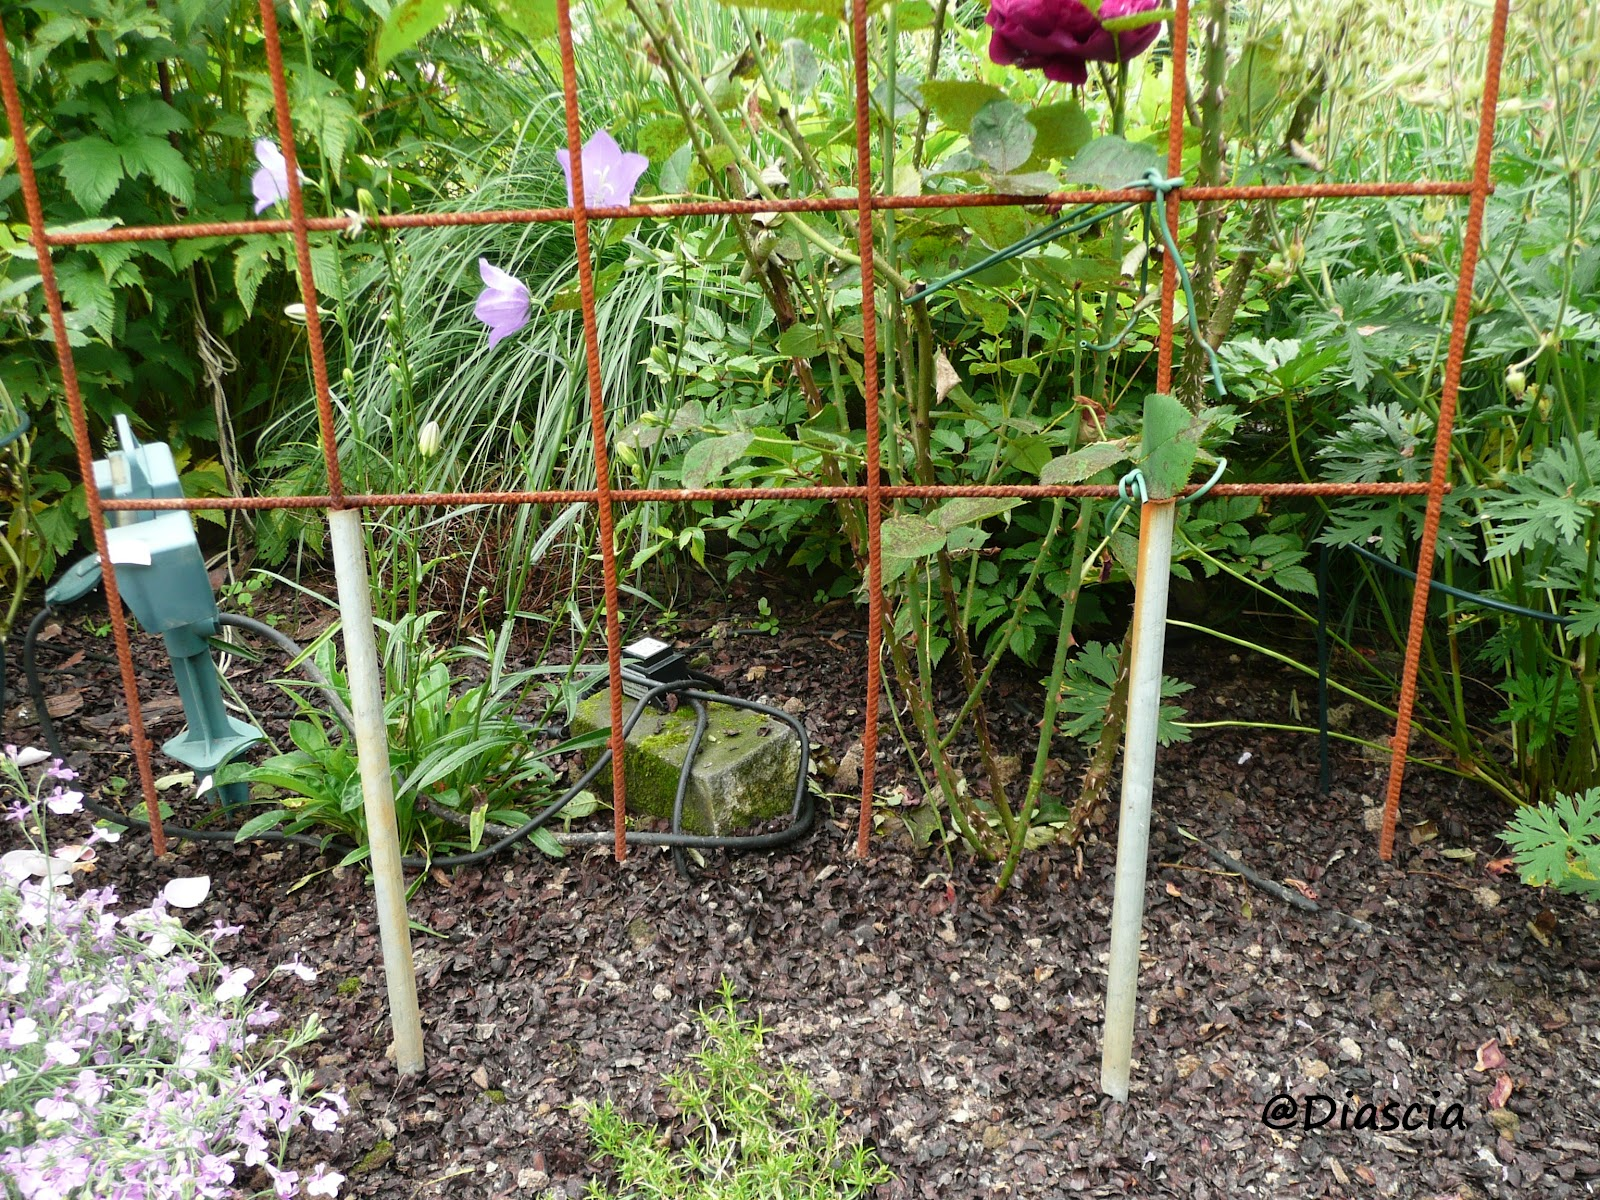 Le jardin de diascia juin 2012 - Support pour rosier grimpant ...